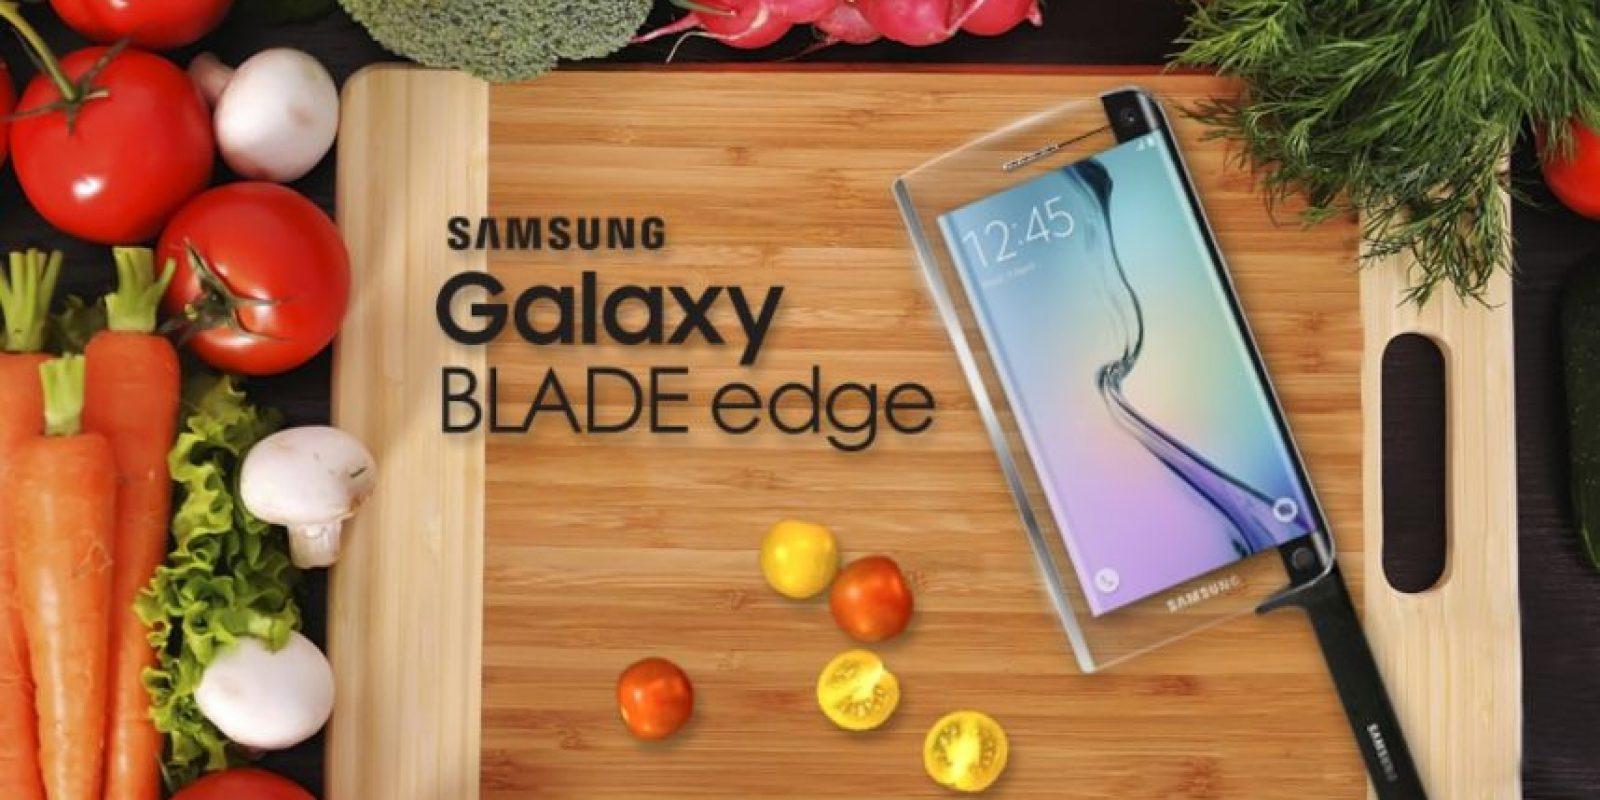 Se trataría del primer smartphone que también funciona como cuchillo. Foto:Samsung